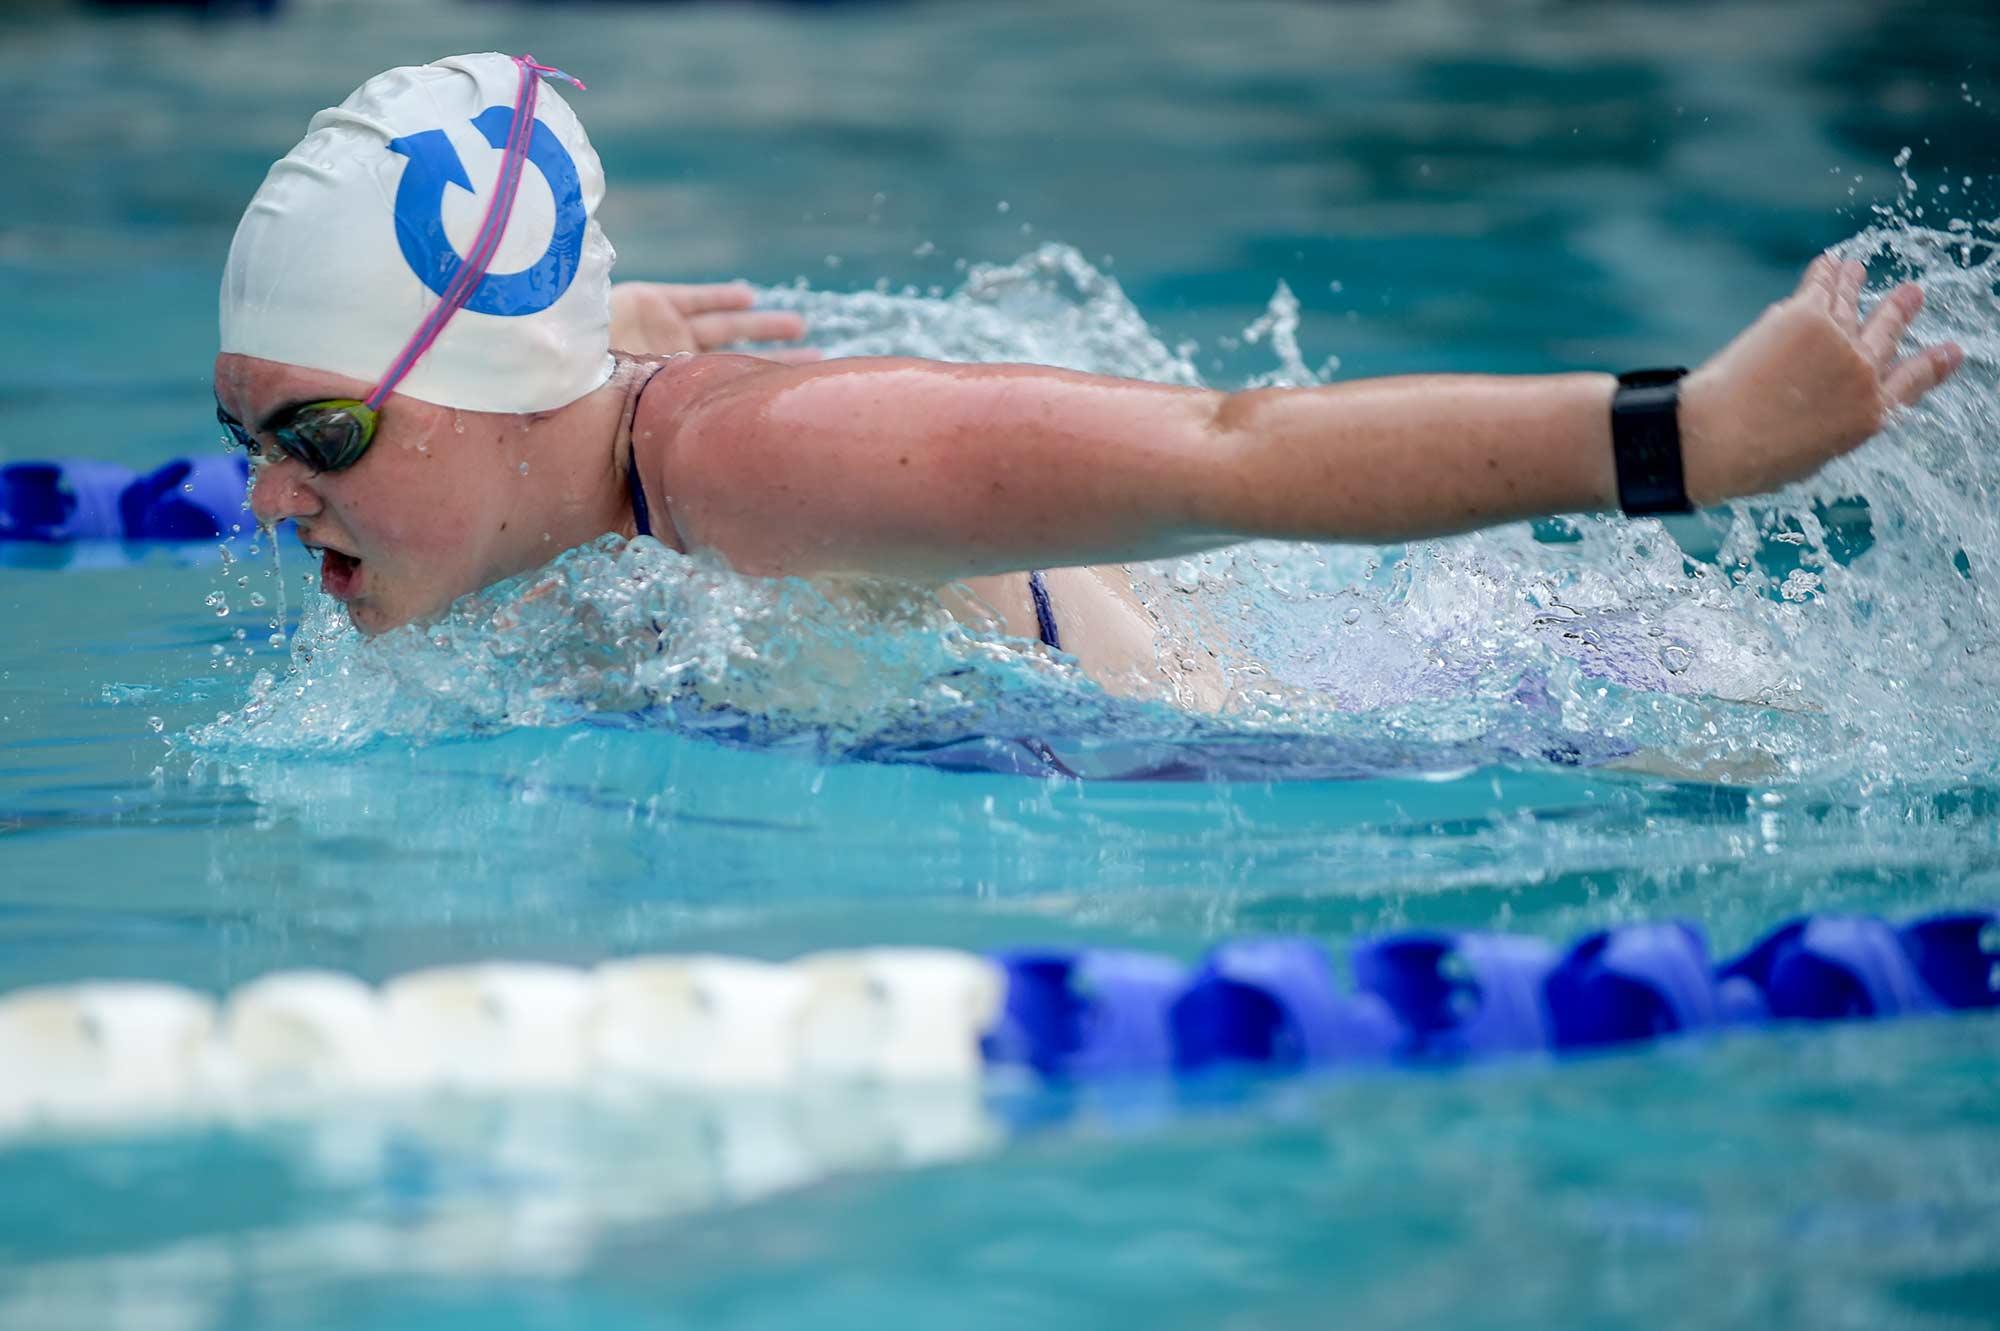 A person swimming